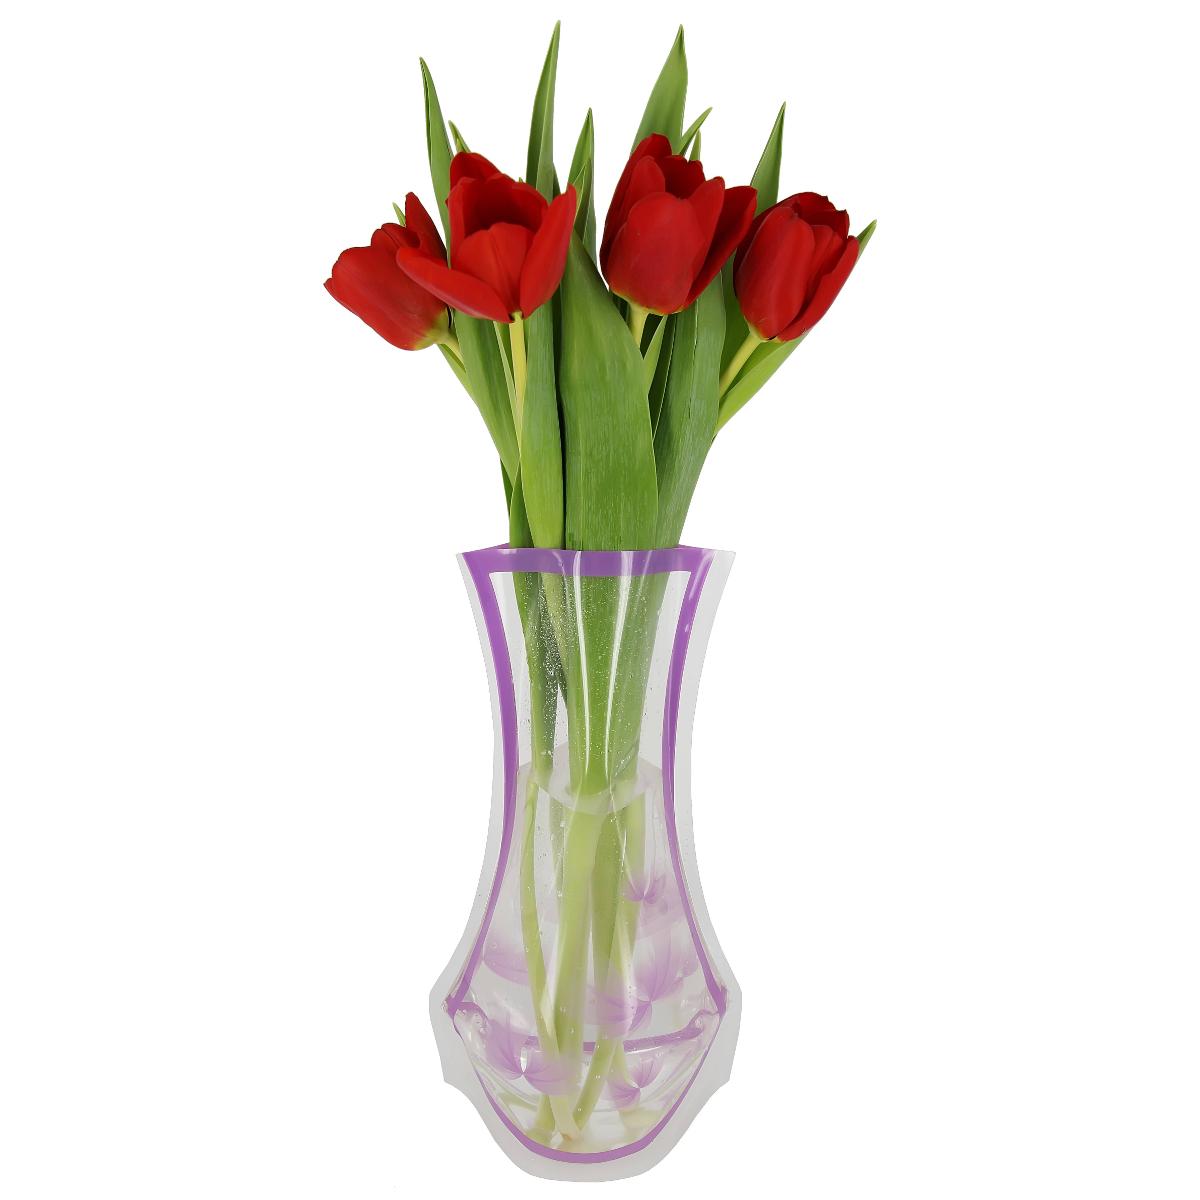 Ваза МастерПроф Фиолетовые лепестки, пластичная, 1,2 лHS.040025Пластичная ваза Фиолетовые лепестки легко складывается, удобно хранится - занимает мало места, долго служит. Всегда пригодится дома, в офисе, на даче, для оформления различных мероприятий. Отлично подойдет для перевозки цветов, или просто в подарок. Инструкция: 1. Наполните вазу теплой водой; 2. Дно и стенки расправятся; 3. Вылейте воду; 4. Наполните вазу холодной водой; 5. Вставьте цветы. Меры предосторожности: Хранить вдали от источников тепла и яркого солнечного света. С осторожностью применять для растений с длинными стеблями и с крупными соцветиями, что бы избежать опрокидывания вазы.